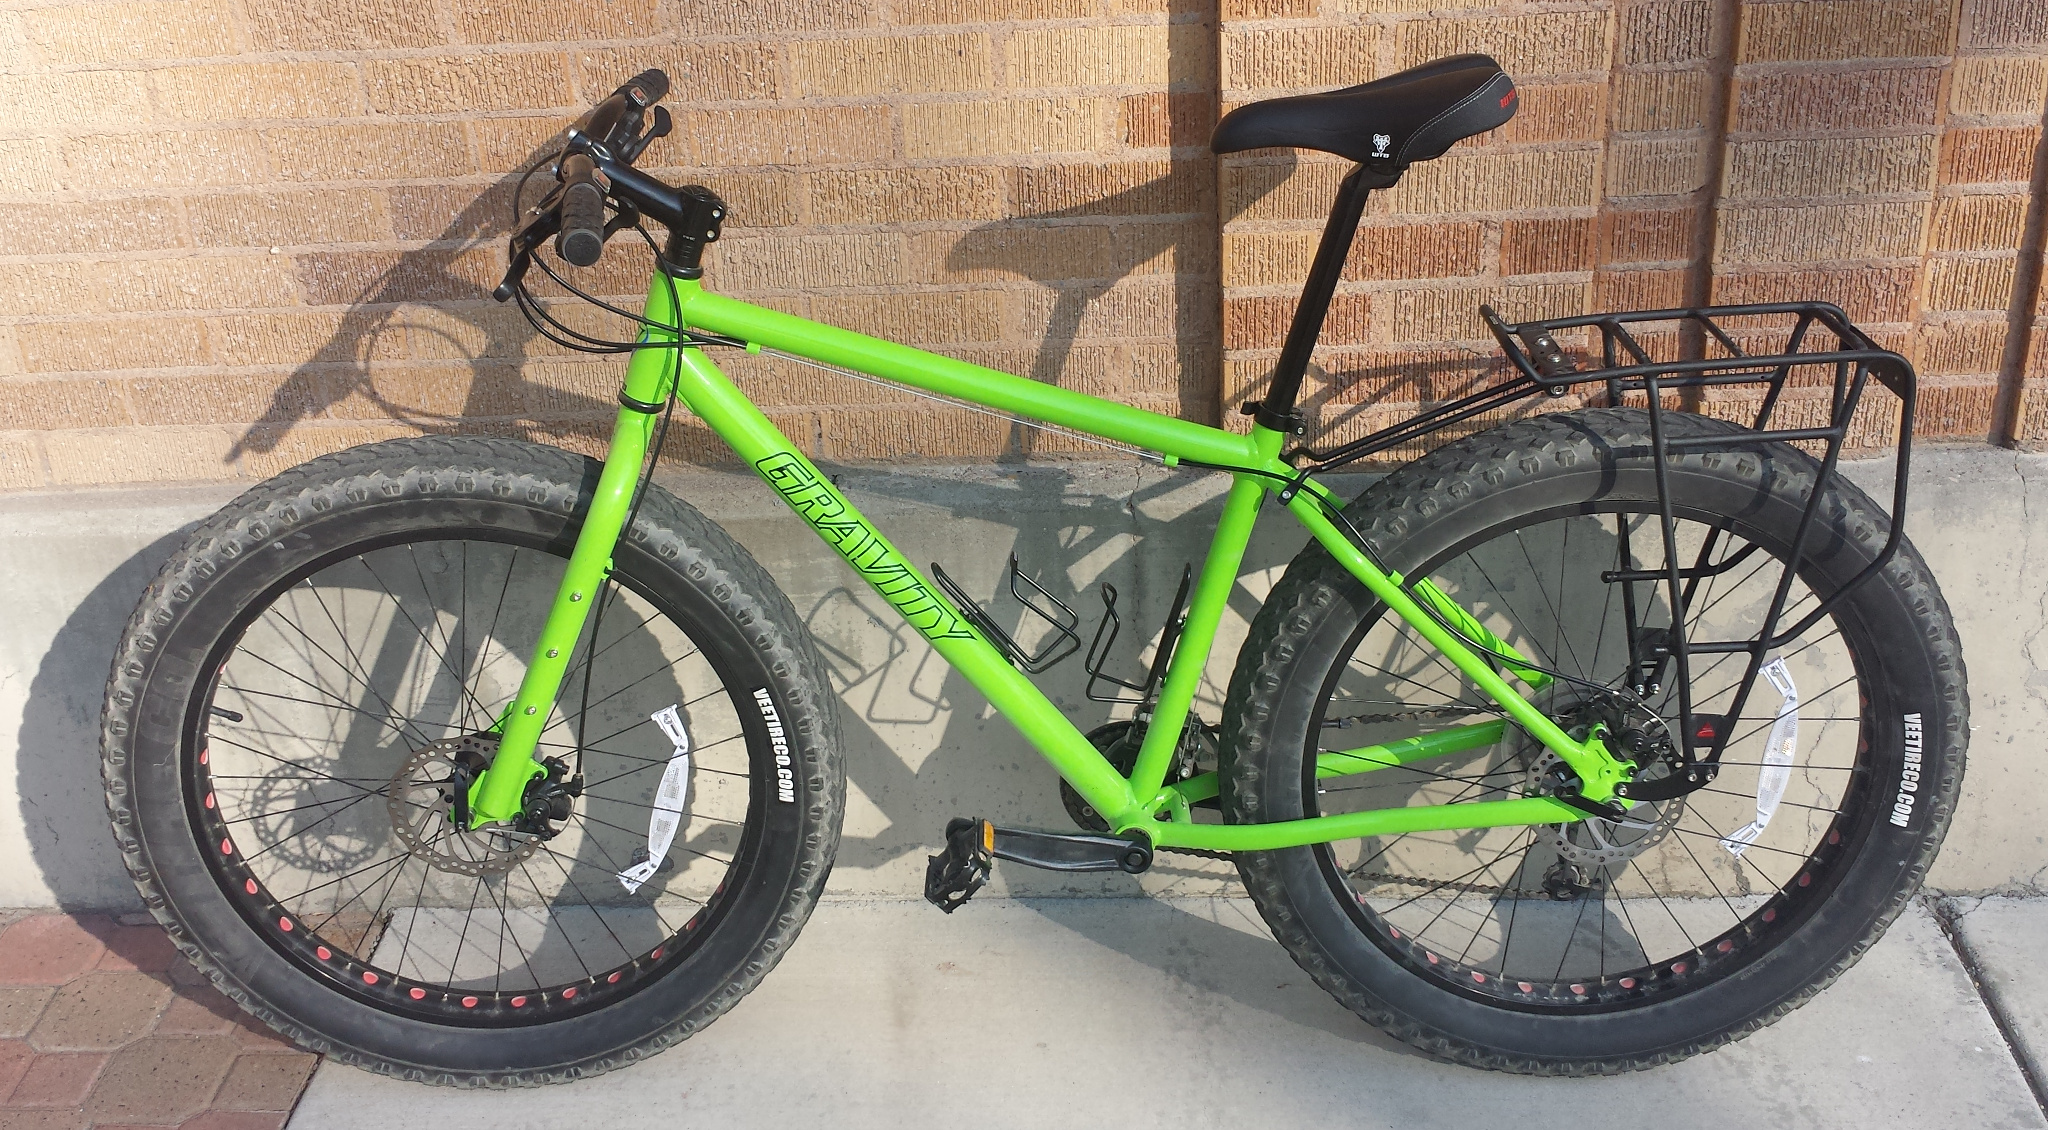 Korey Pelton S Cycling Blog Gravity Bullseye Monster Review